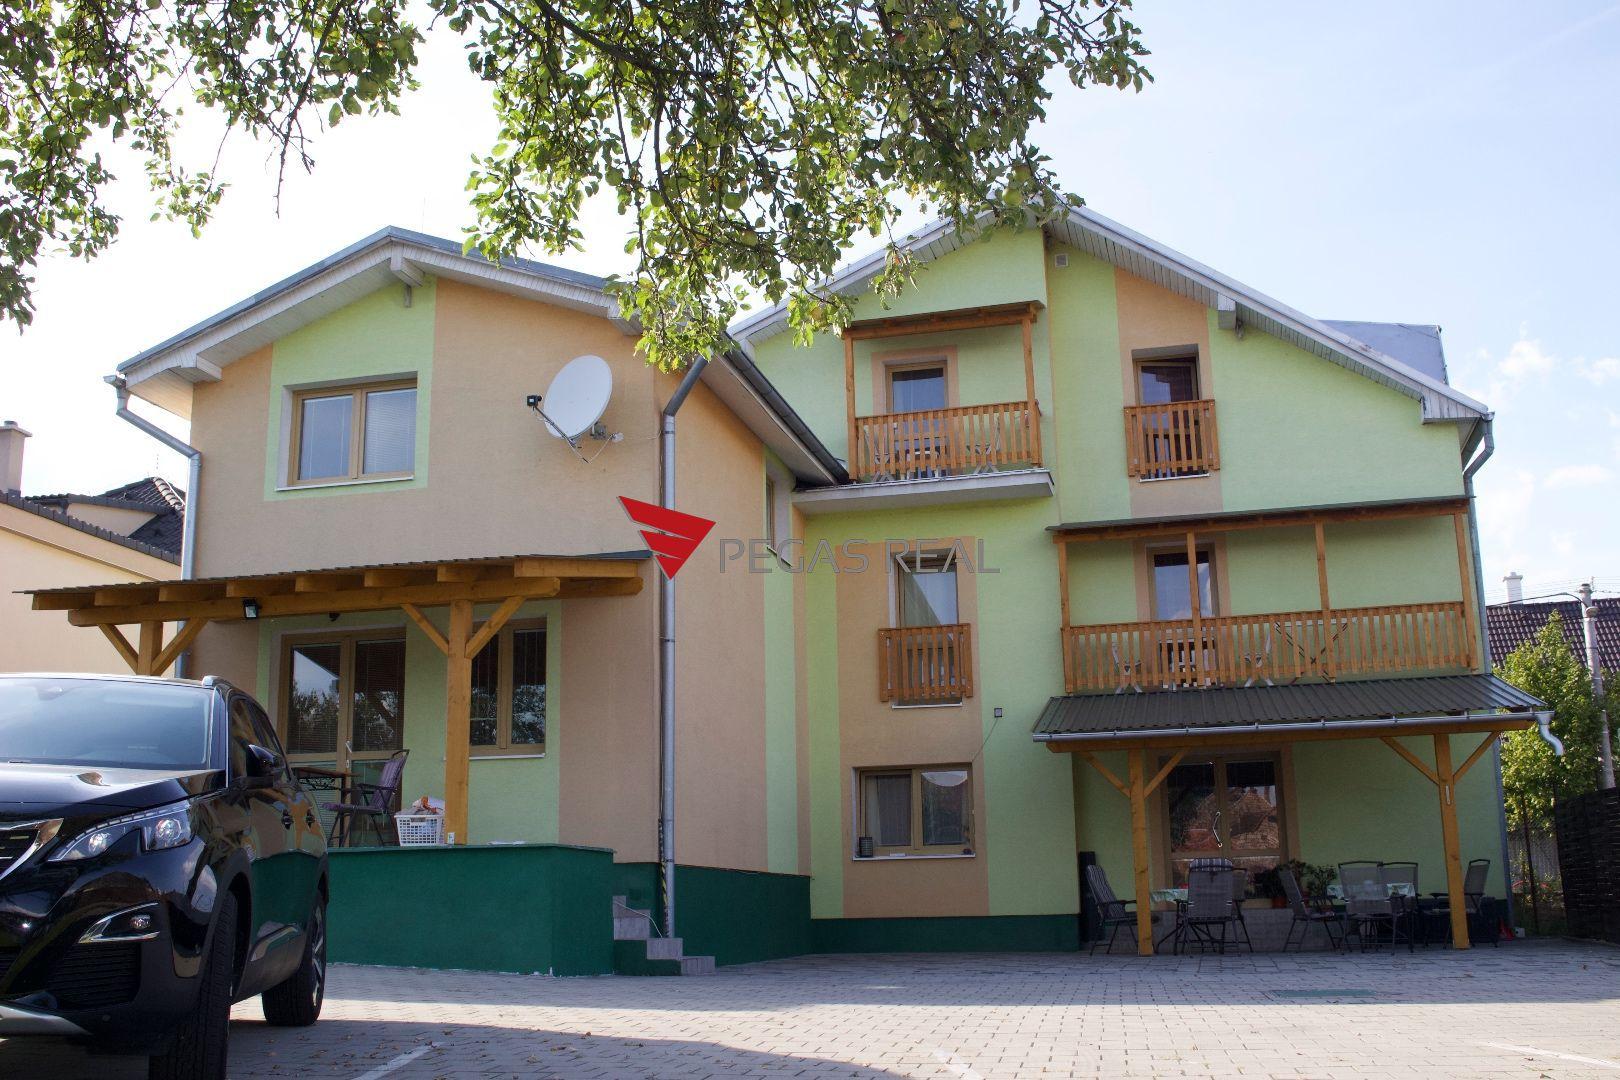 Penzion-Predaj-Kováčová-465000.00 €